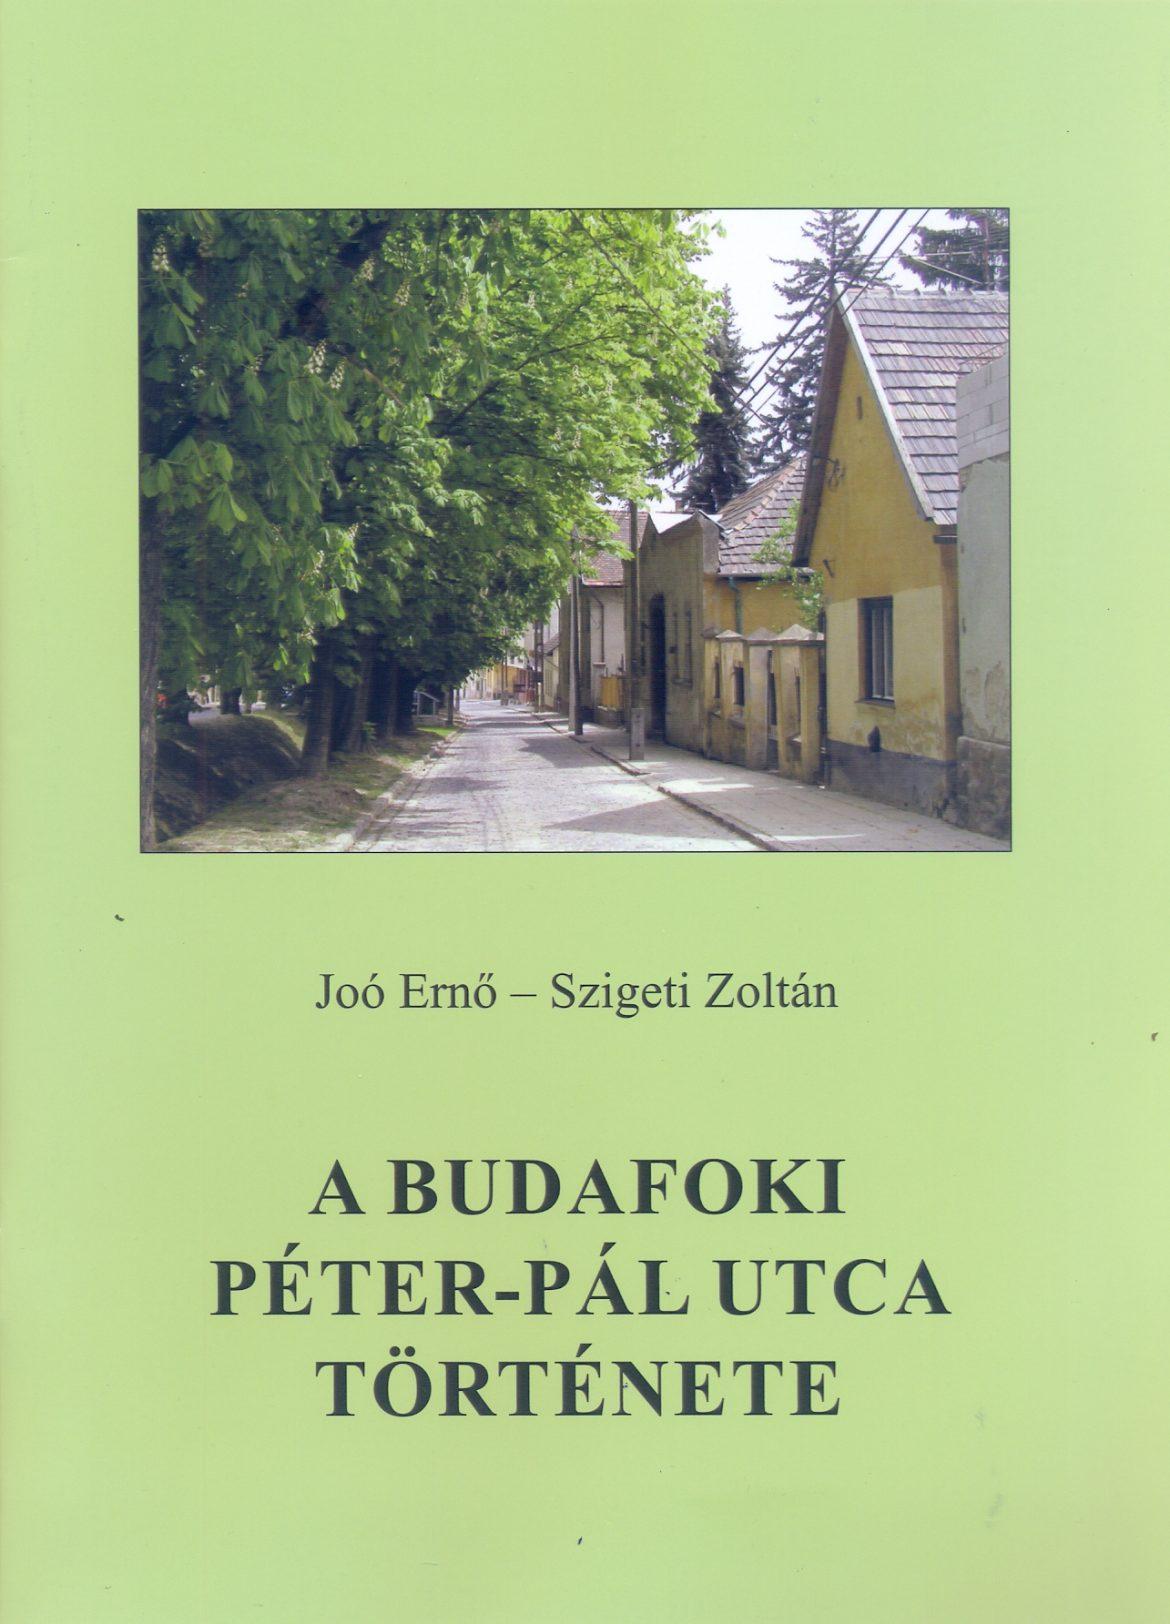 Budafok – XX. Péter-Pál Napi Rendezvény és kiadványuk